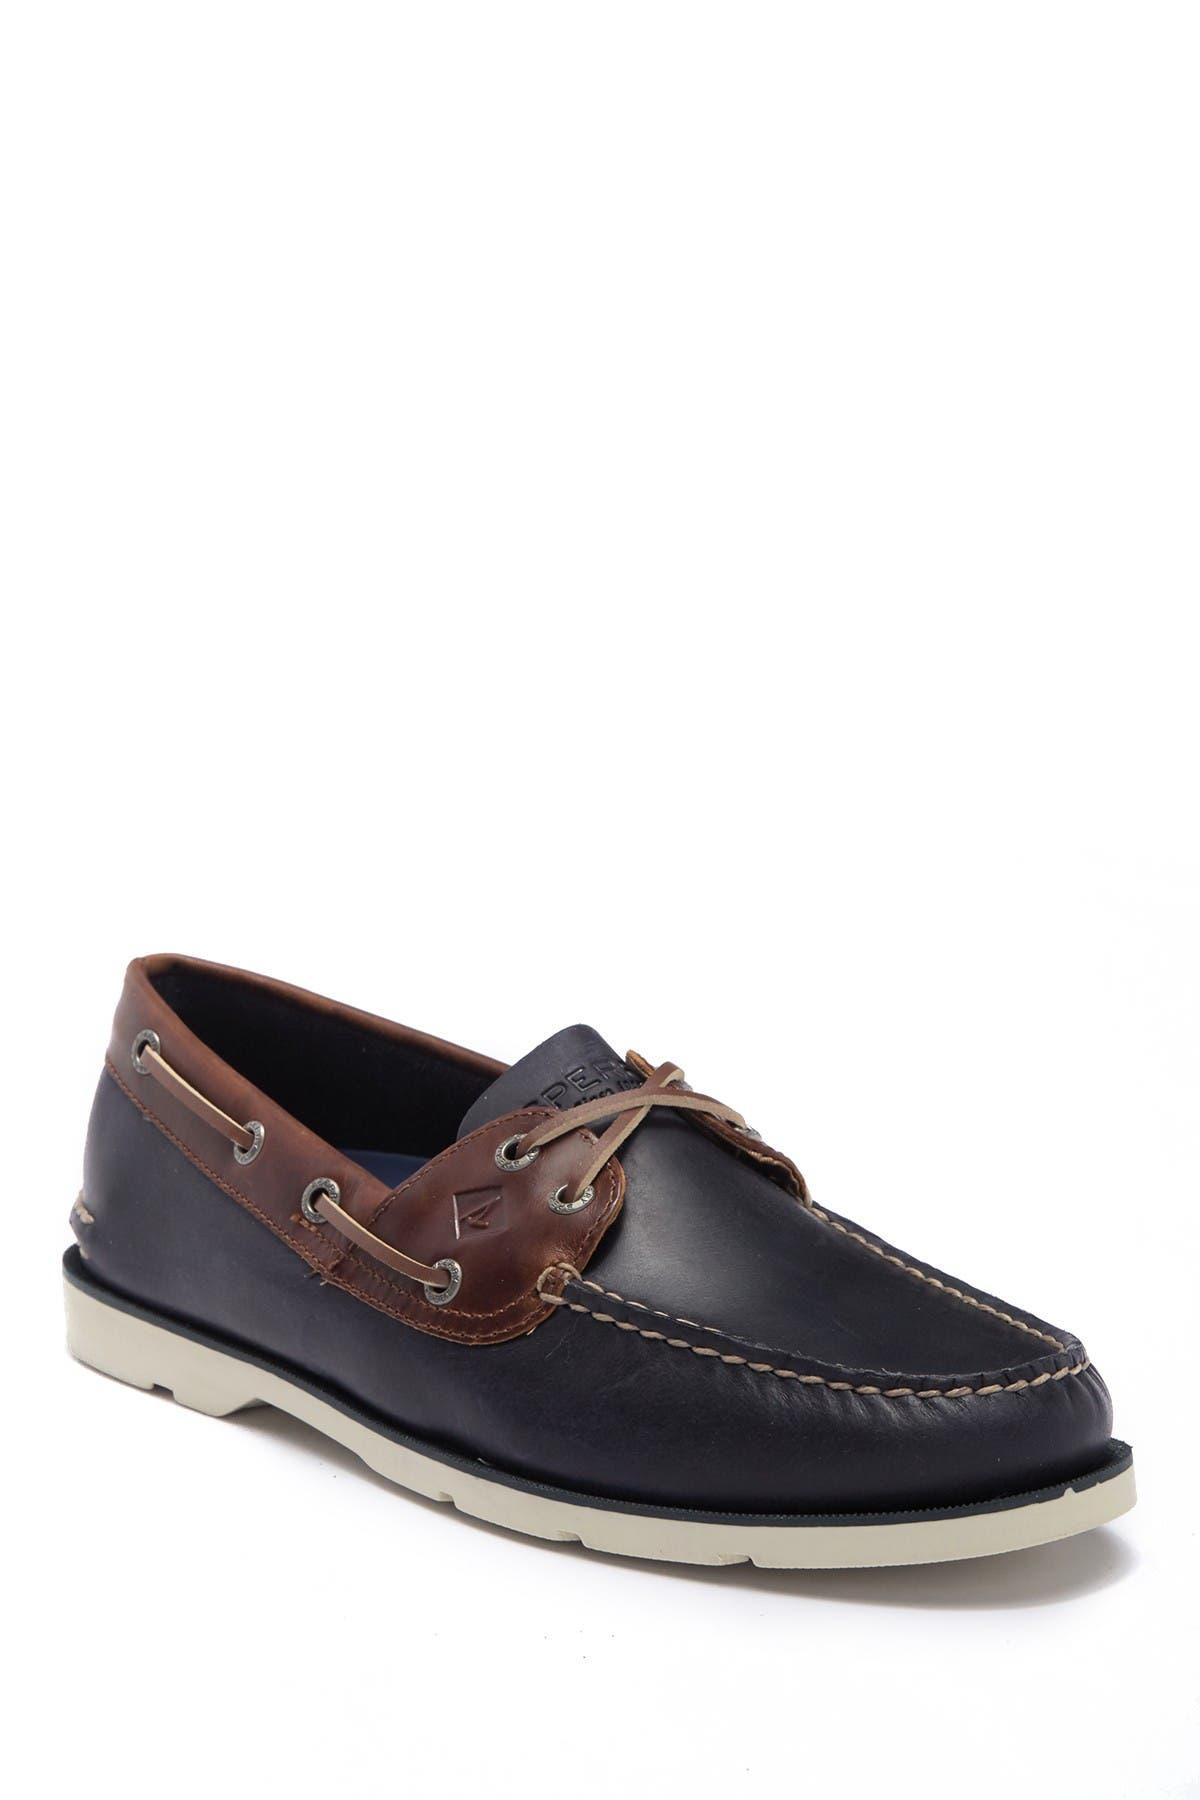 Leeward 2-Eye Leather Yacht Boat Shoe